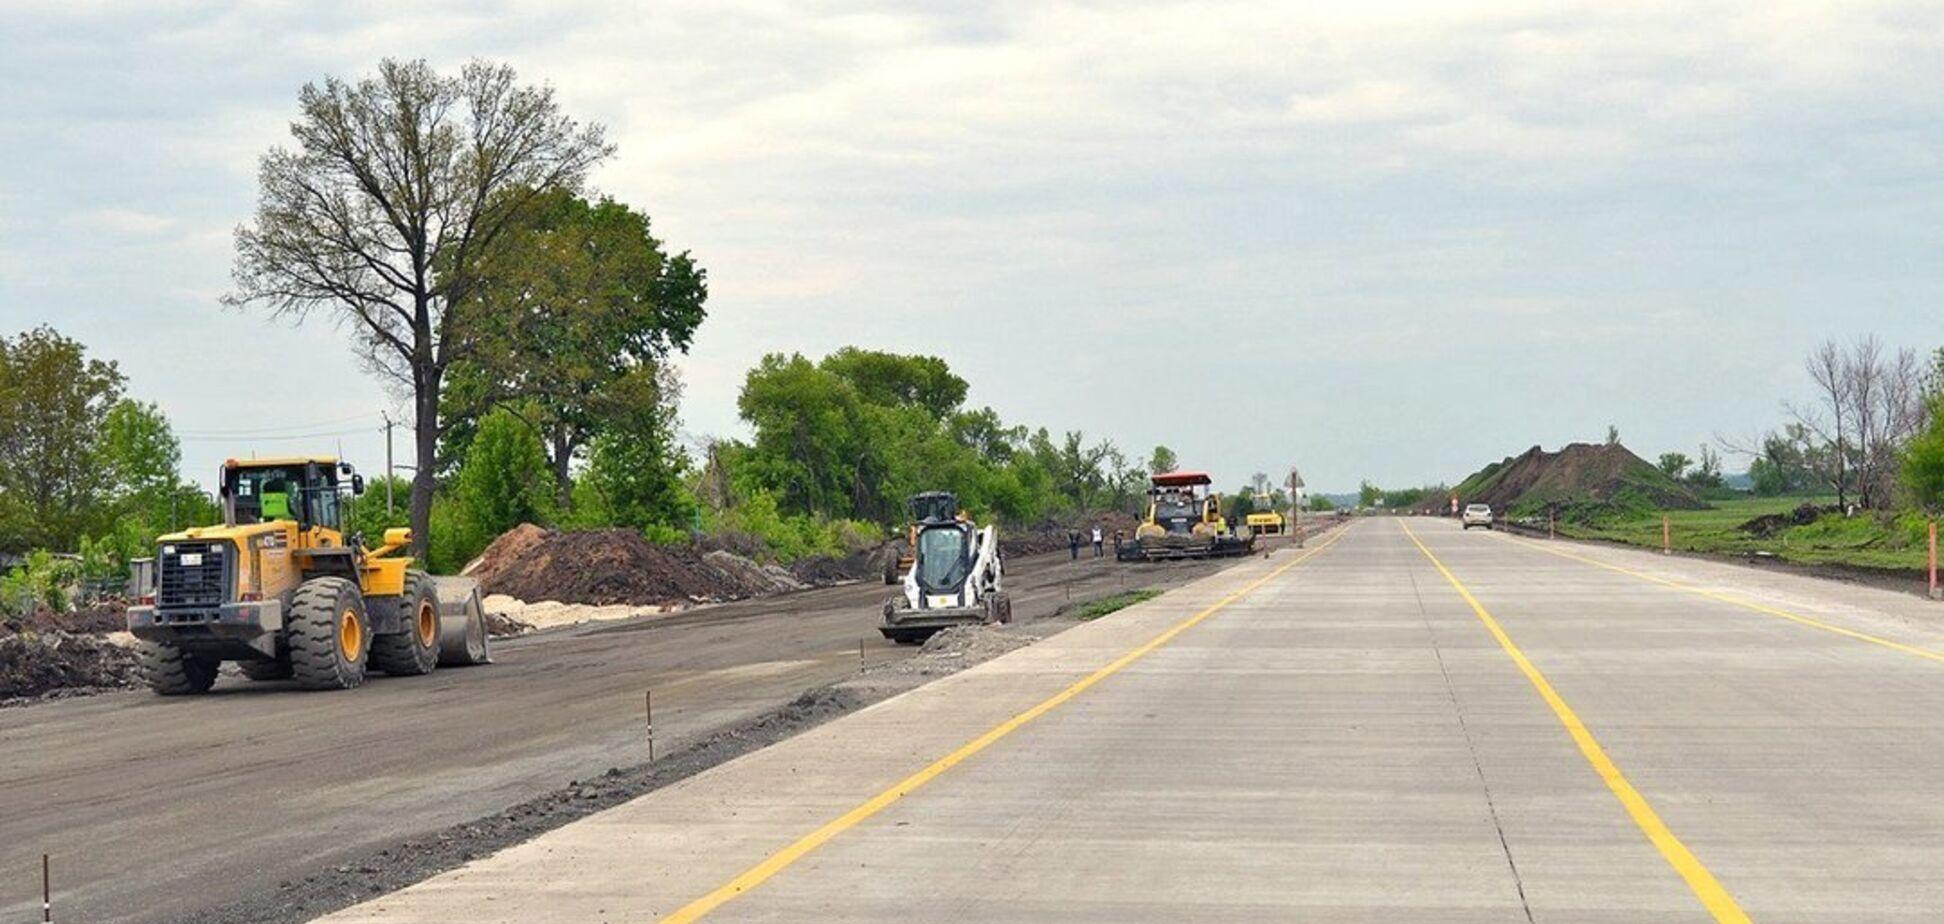 На Полтавщине незаконно добывали песок, вместо строительства дорог. Видео